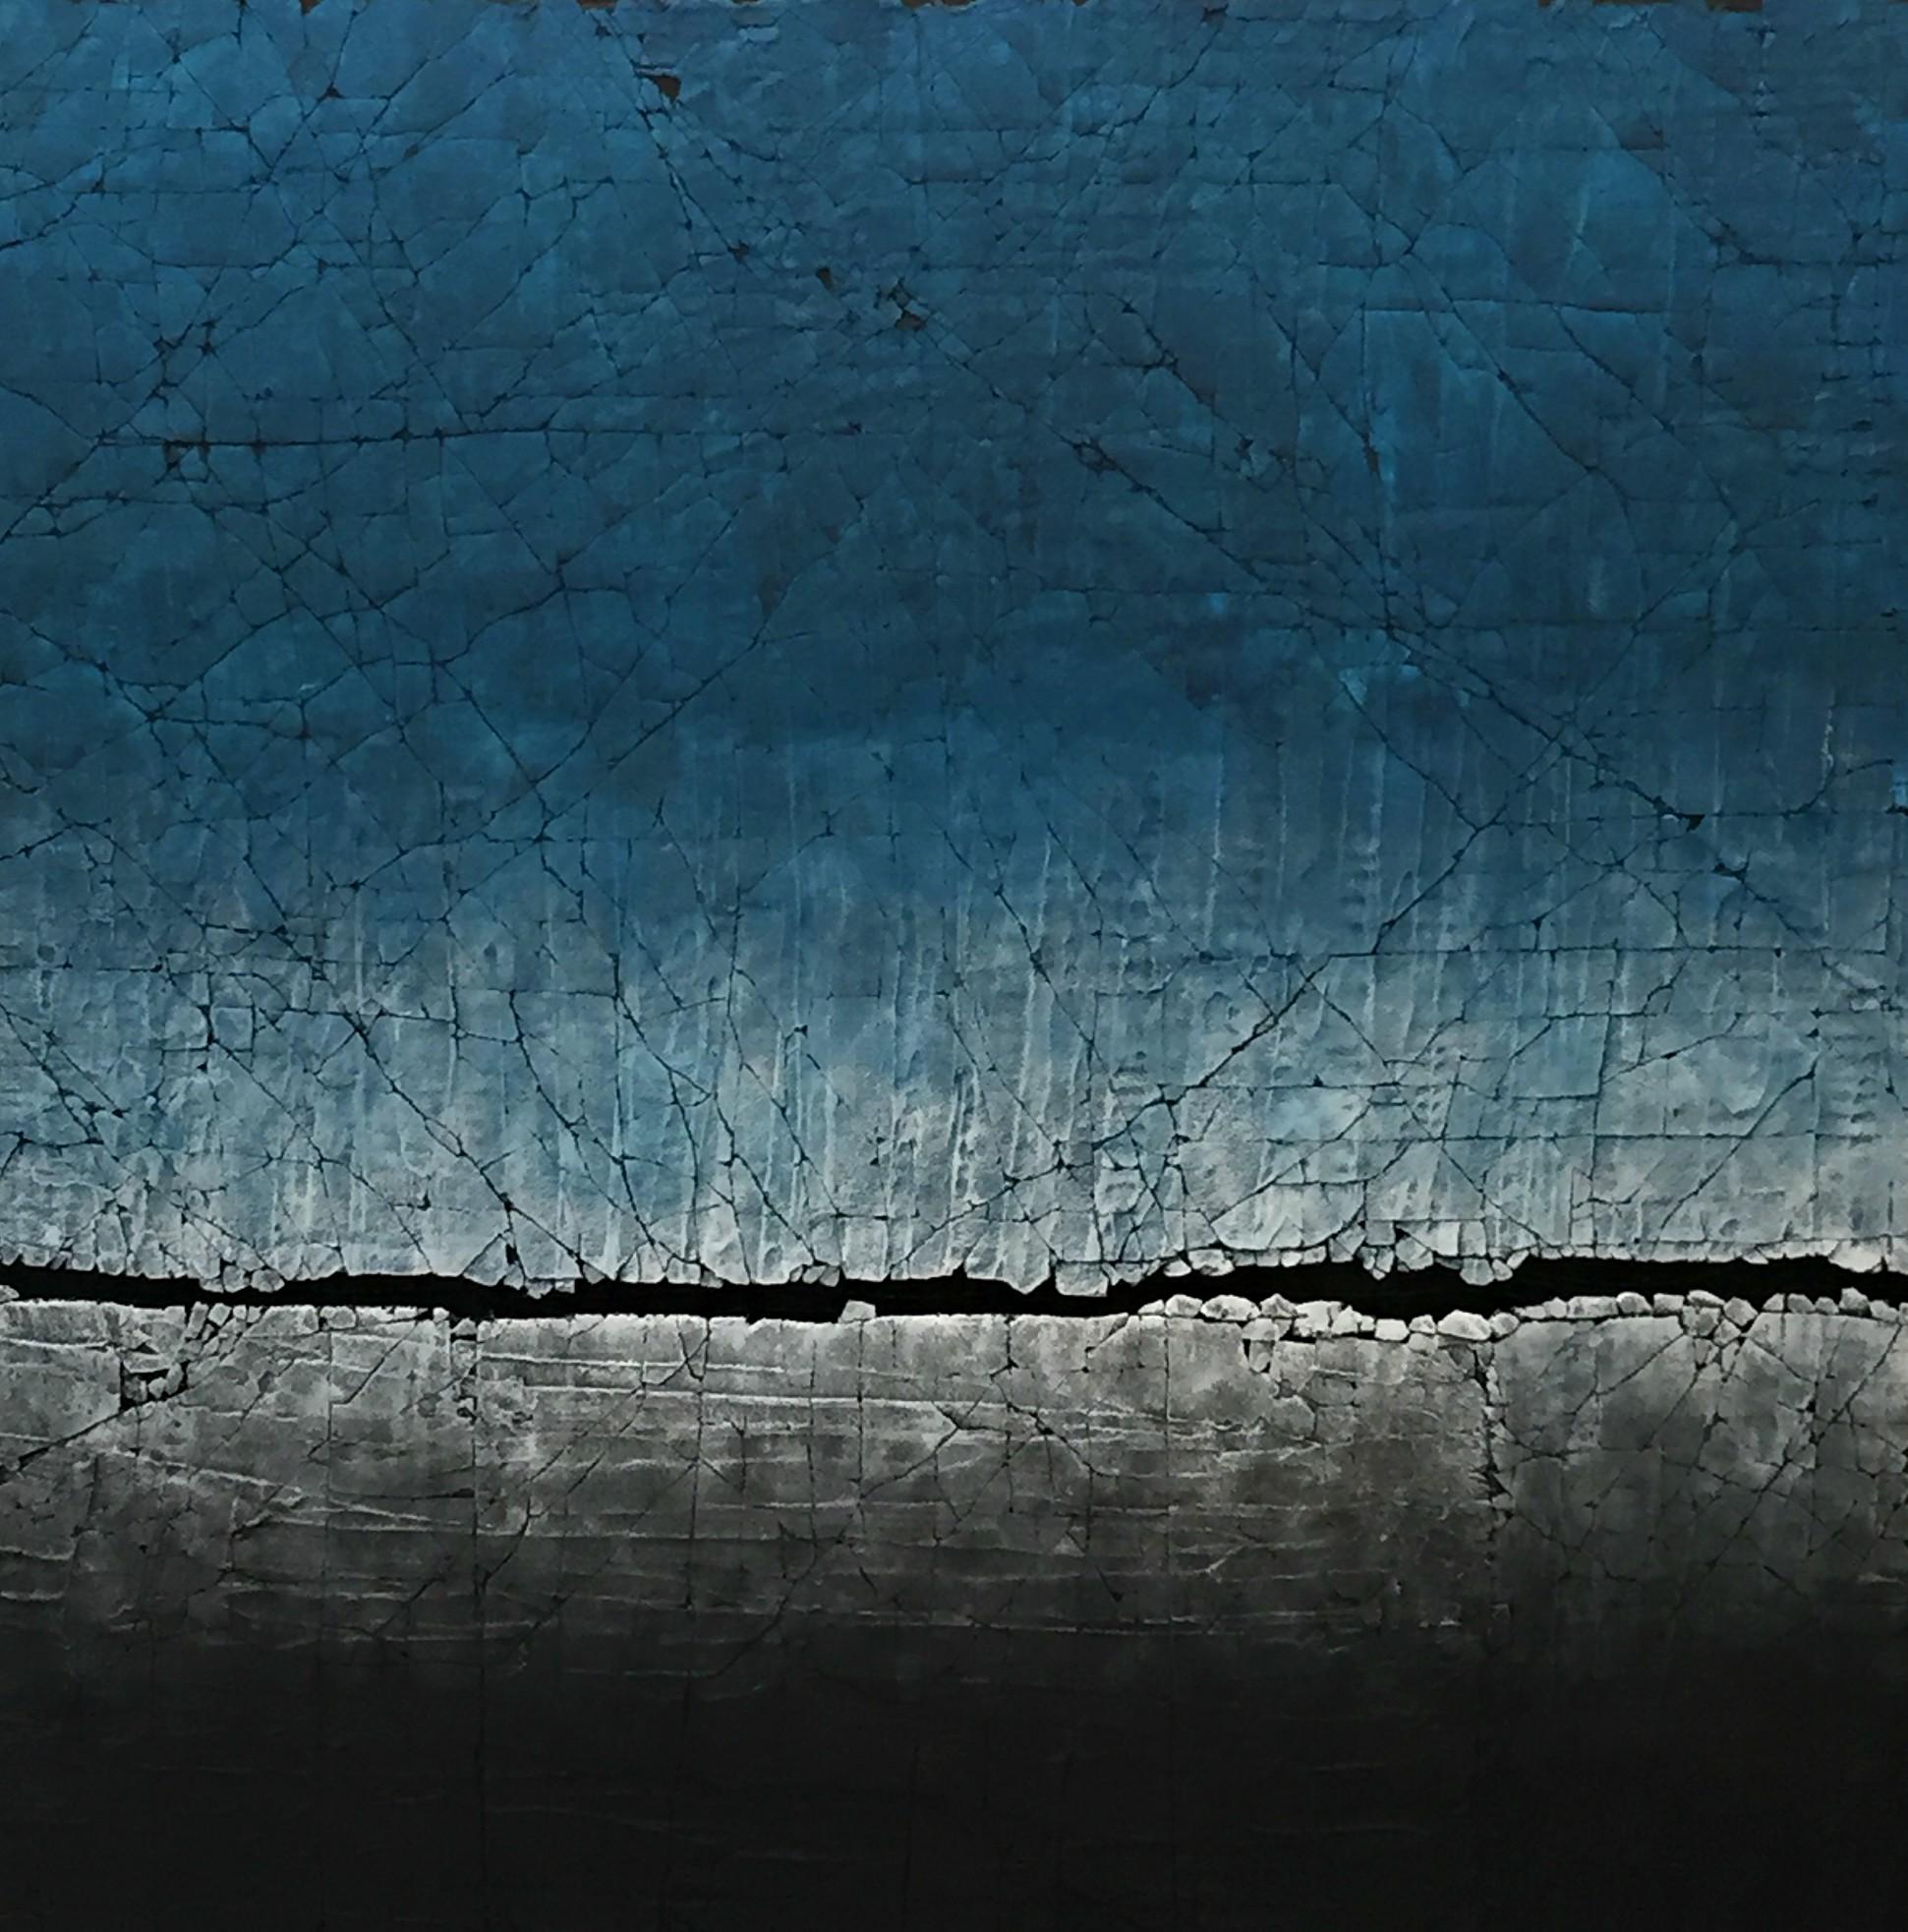 Bagayawa.Carbon Black and Pthalo Blue